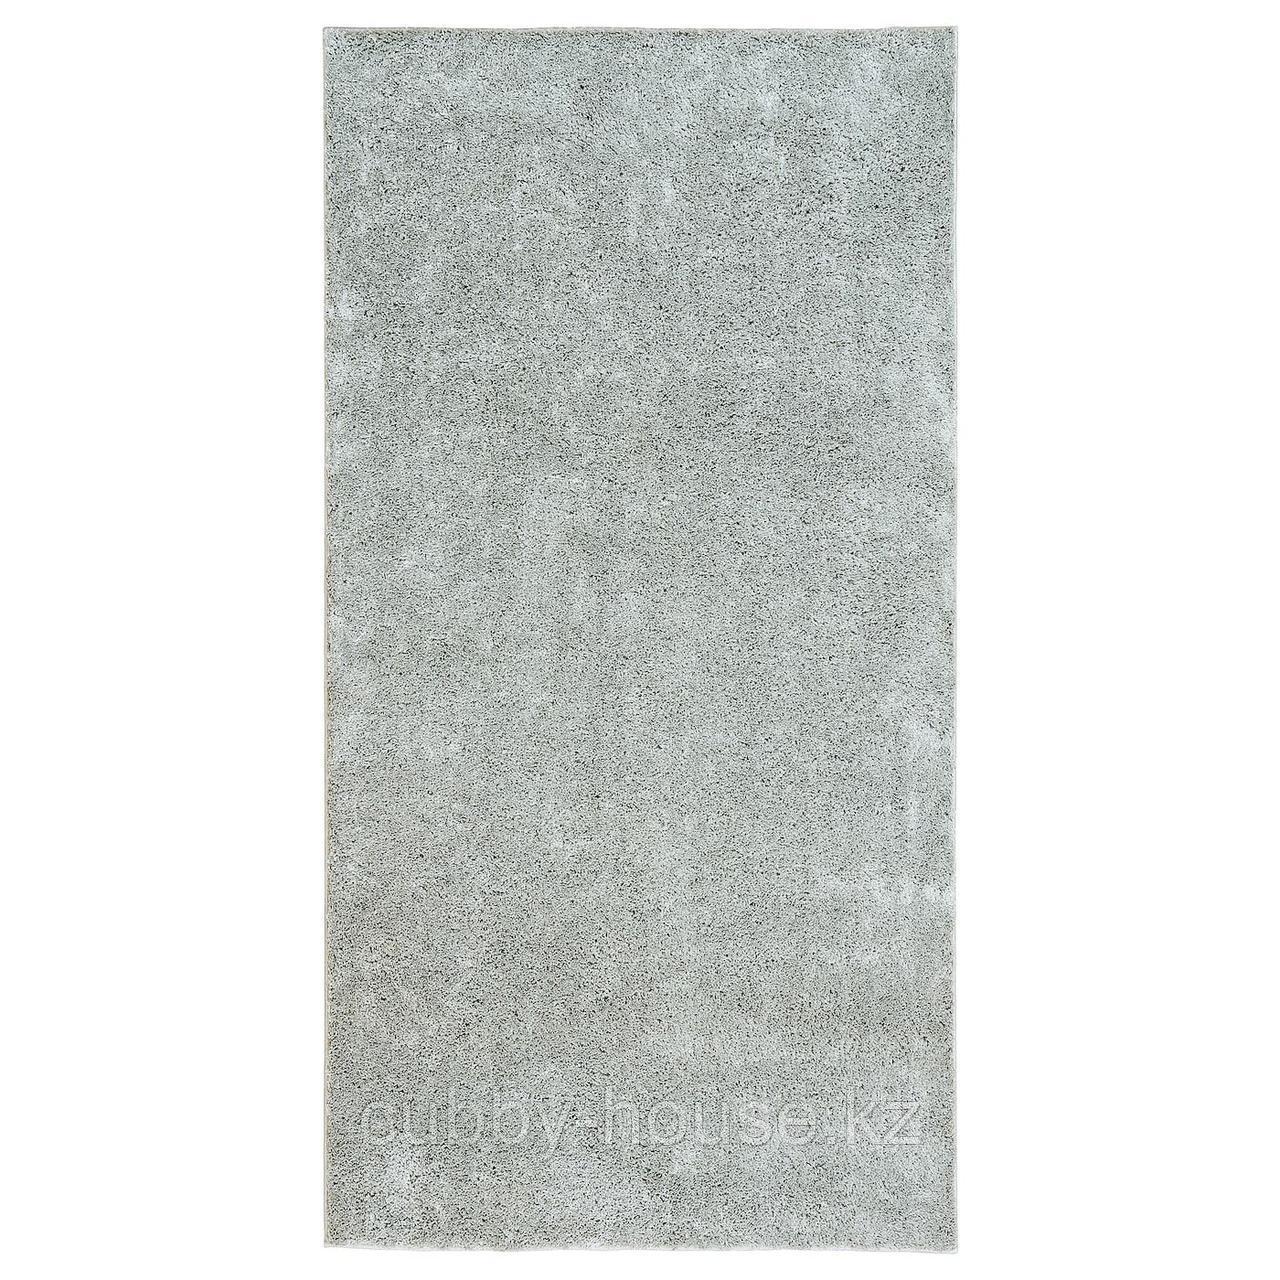 ВОНГЕ Ковер, длинный ворс, светло-серый, 78x150 см